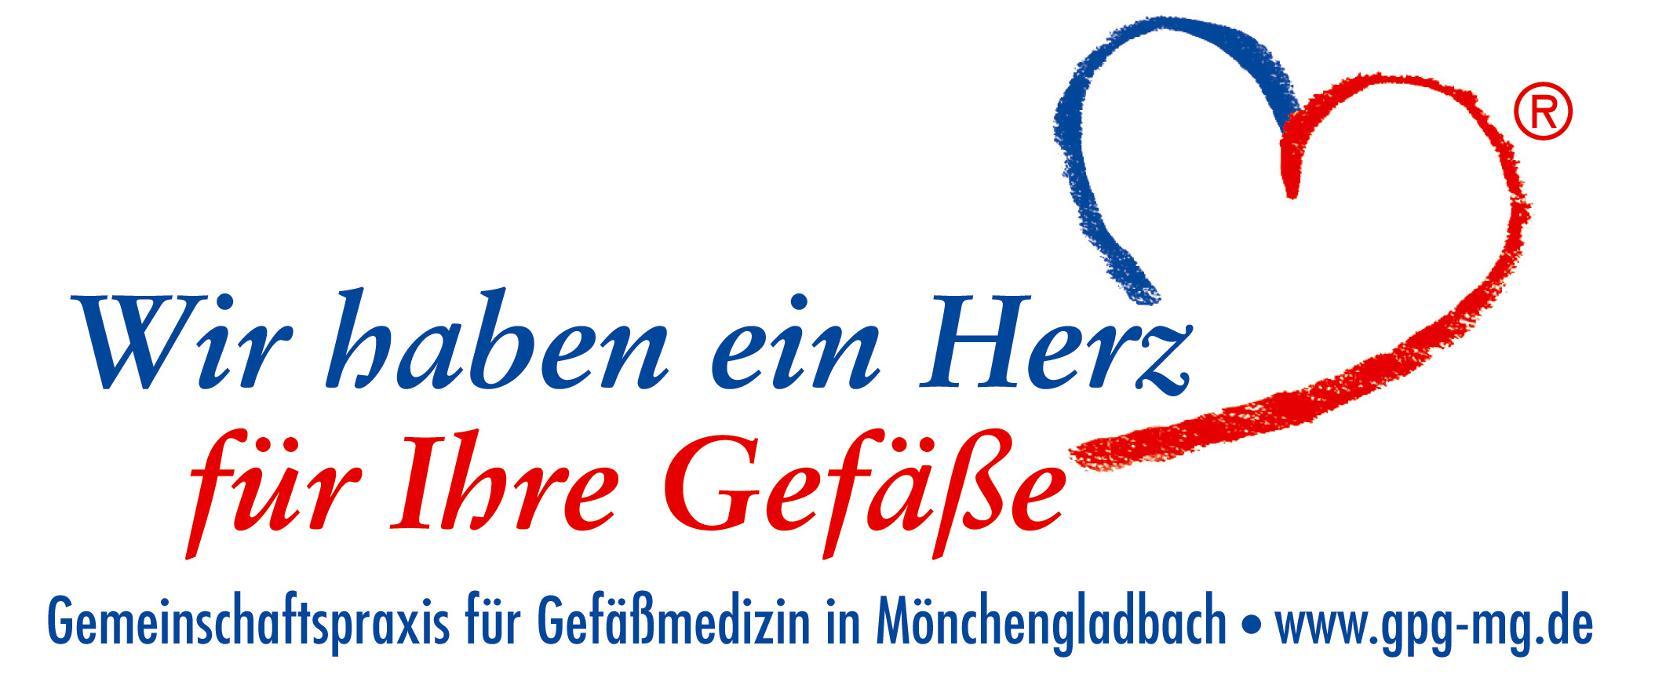 Bild zu Gemeinschaftspraxis für Gefäßmedizin in Mönchengladbach